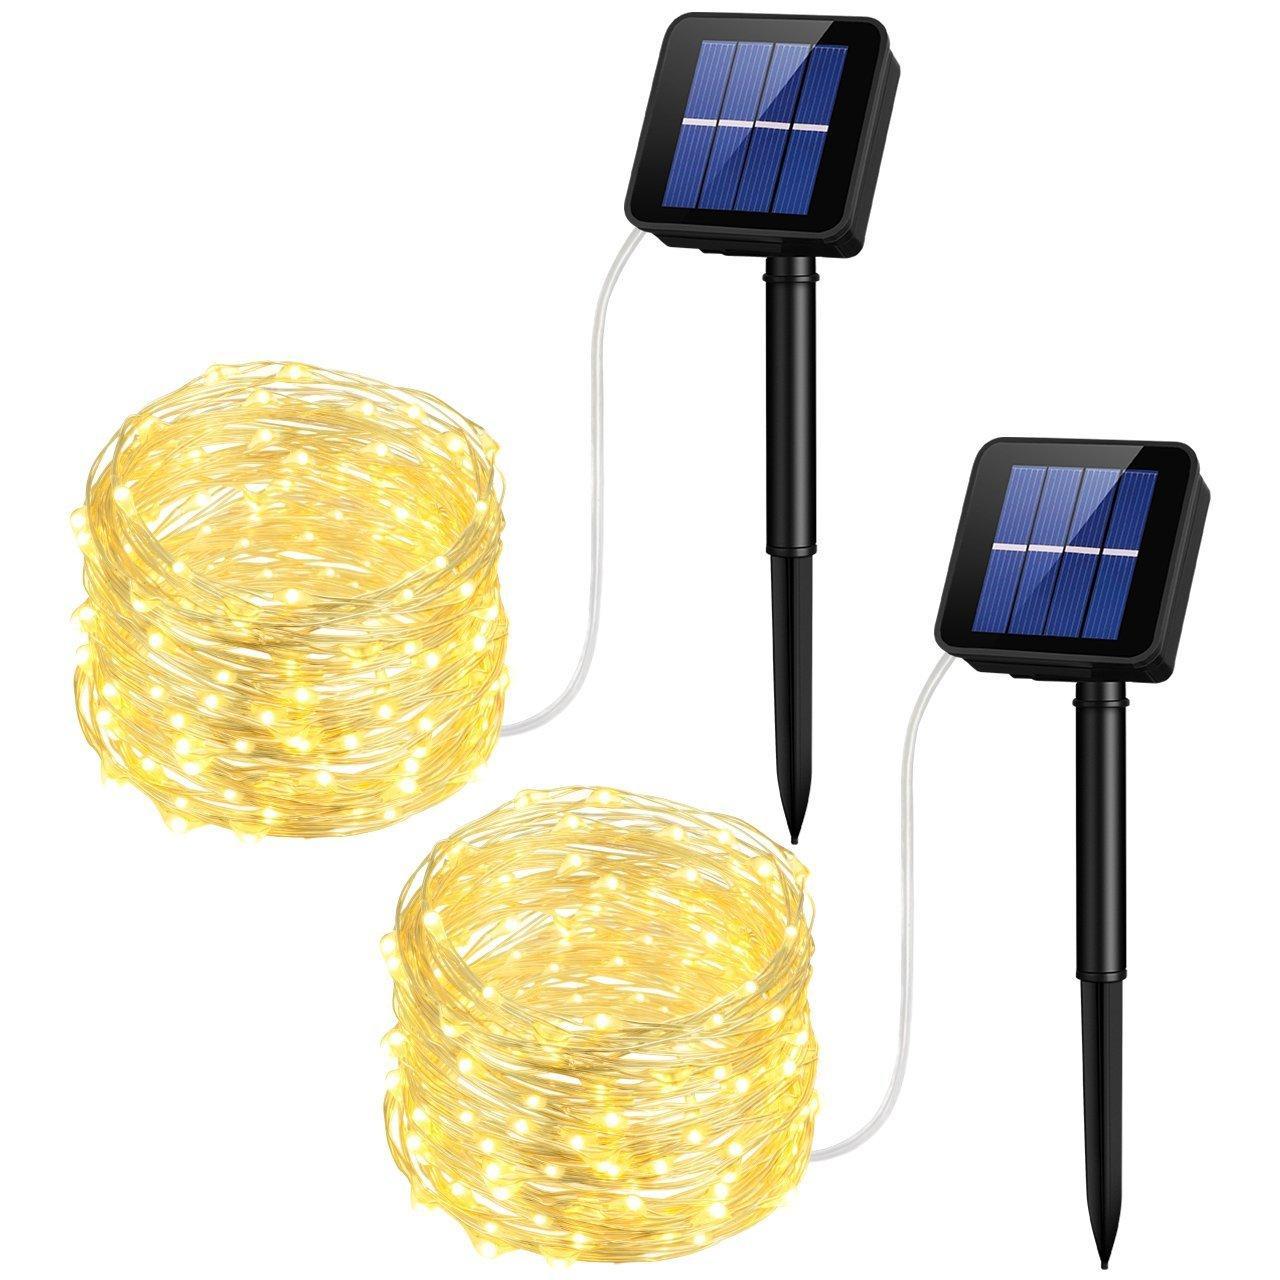 mpowsolarstringlights-1531762843530-1531762845550.jpg